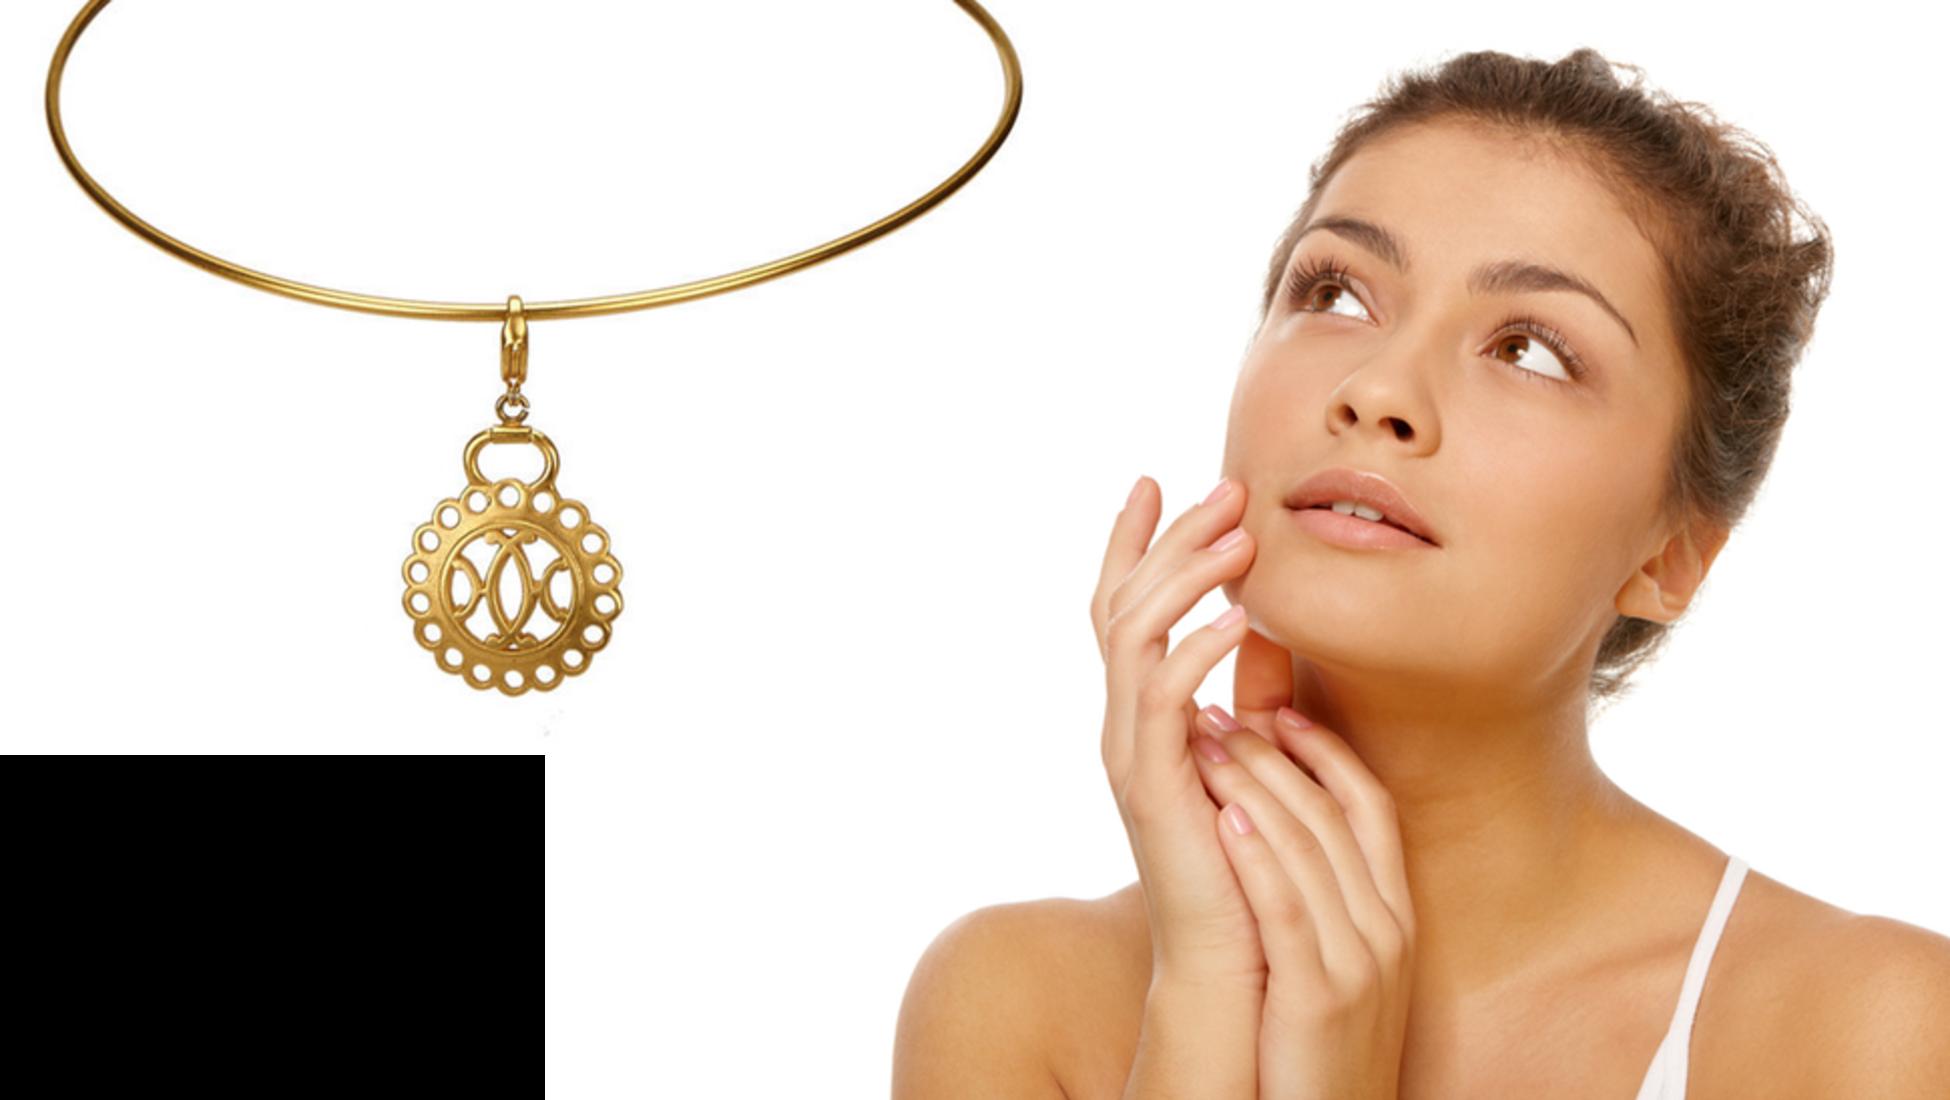 Sieraden en je huidtint: kies de kleur die bij je past